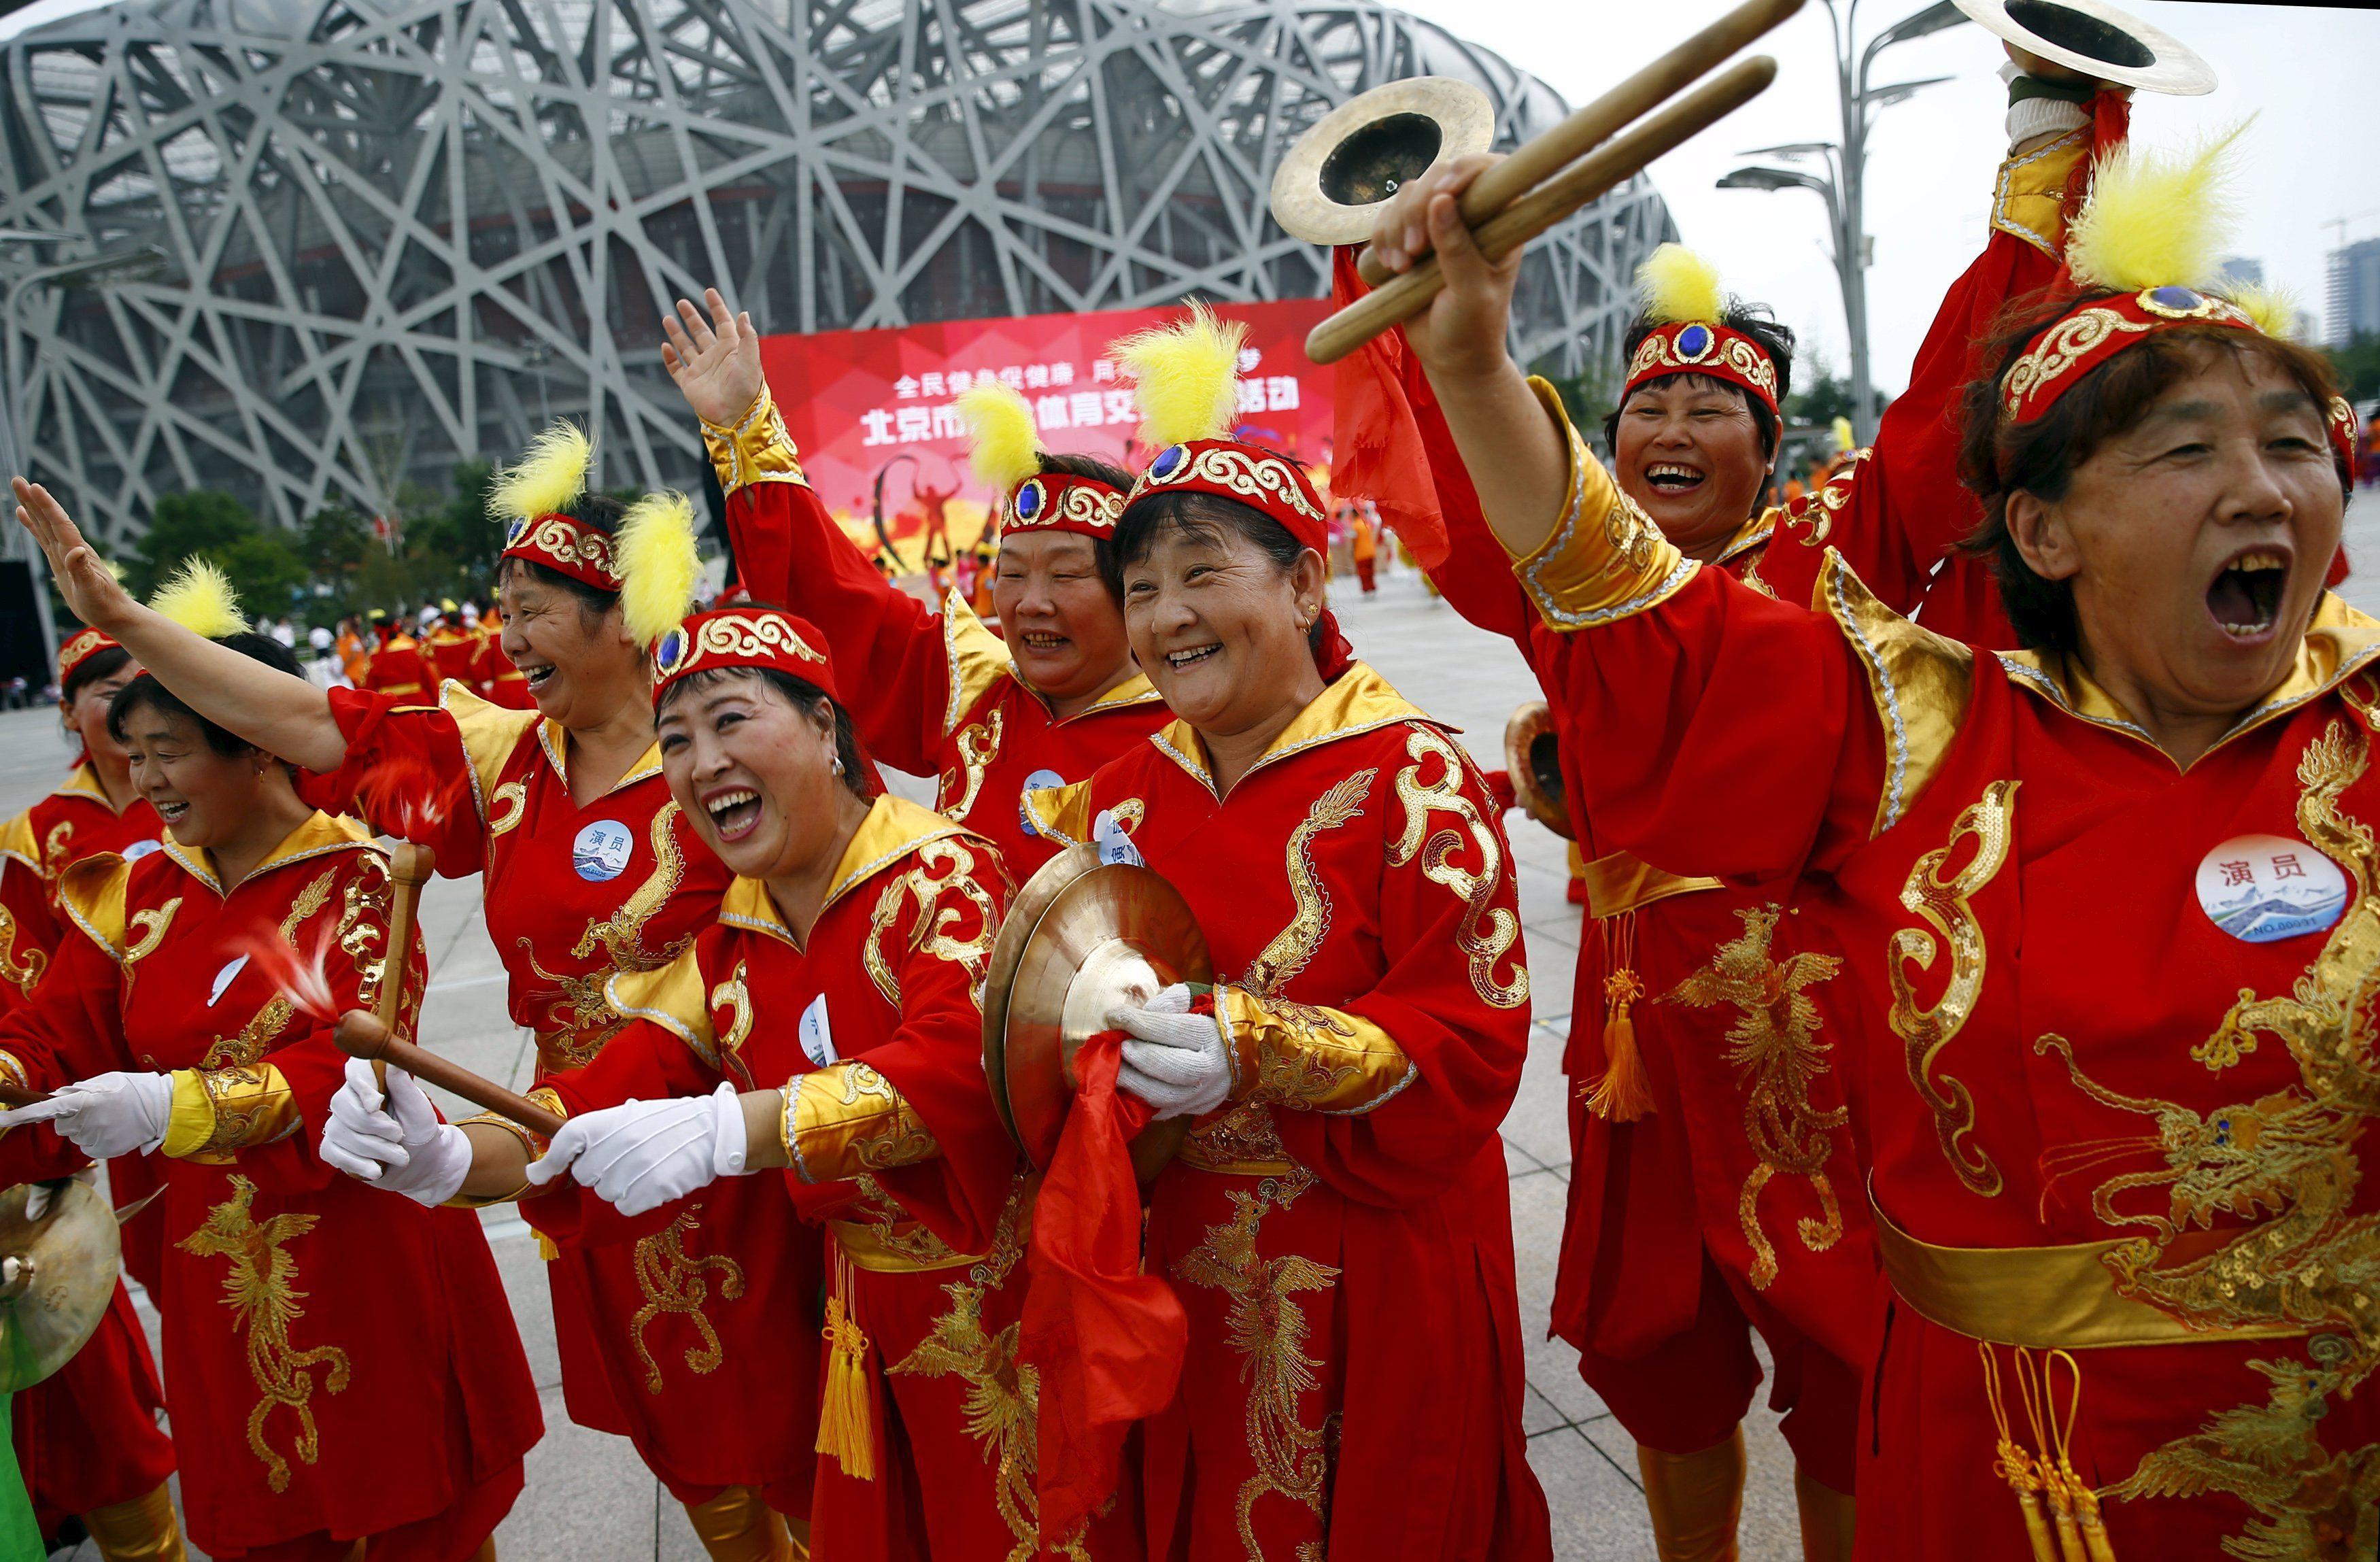 Chinese zodiac new year animal bundle SVG / DXF / EPS